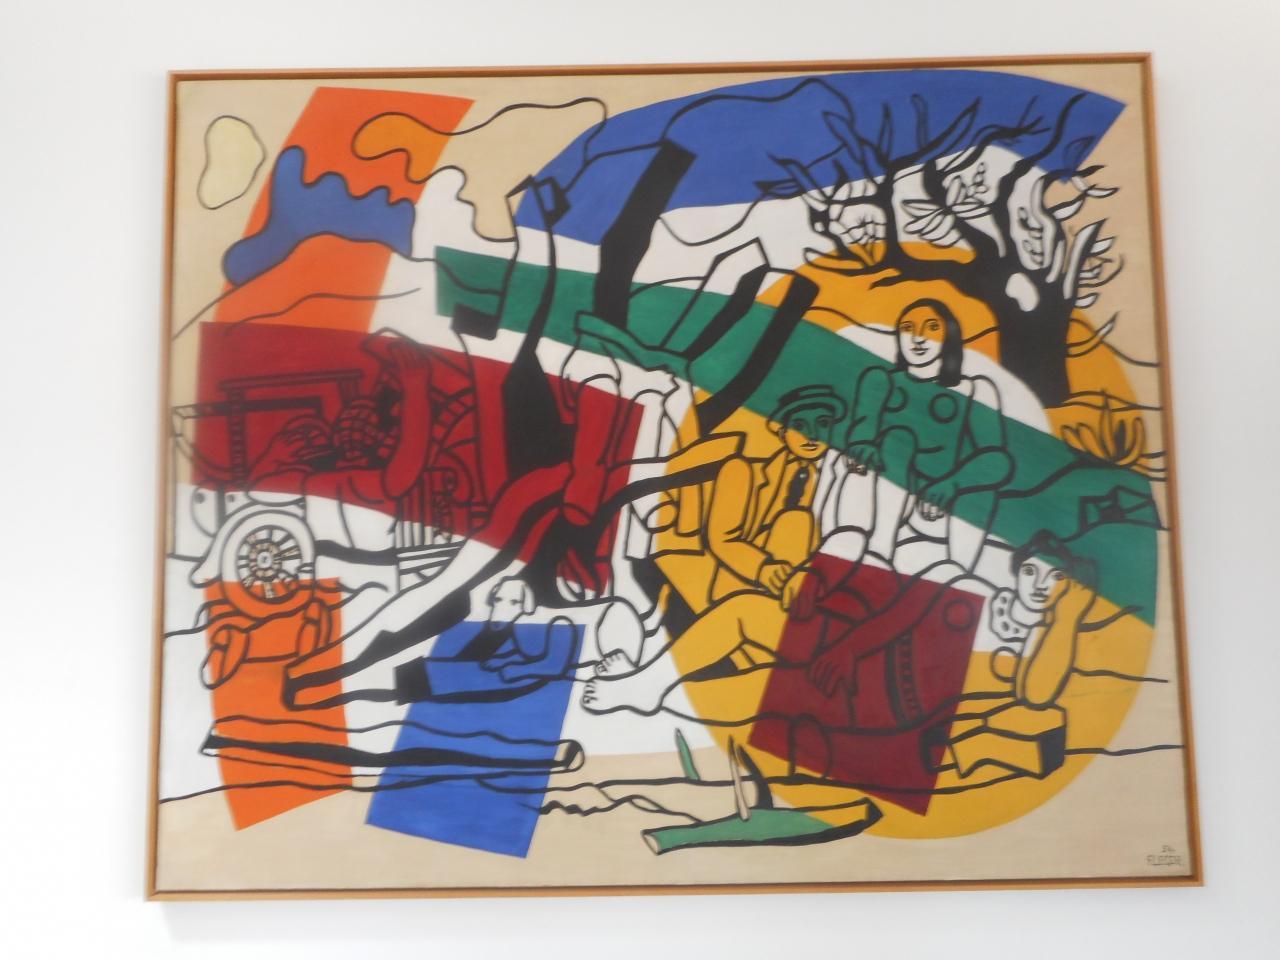 フェルナン・レジェの画像 p1_25